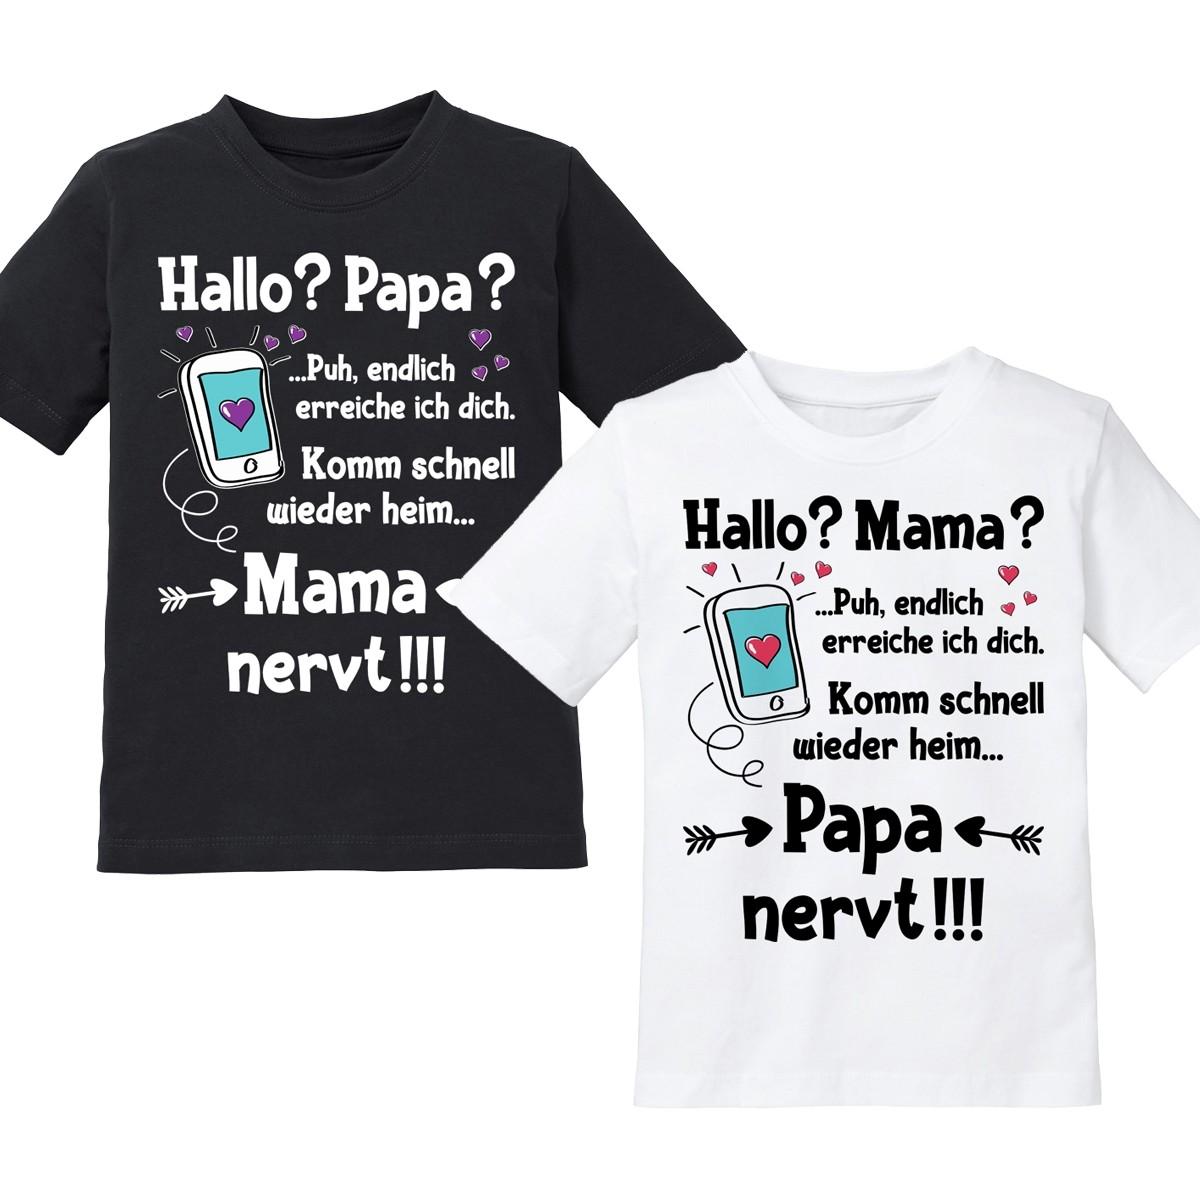 Kindershirt: Hallo? Mama / Papa?